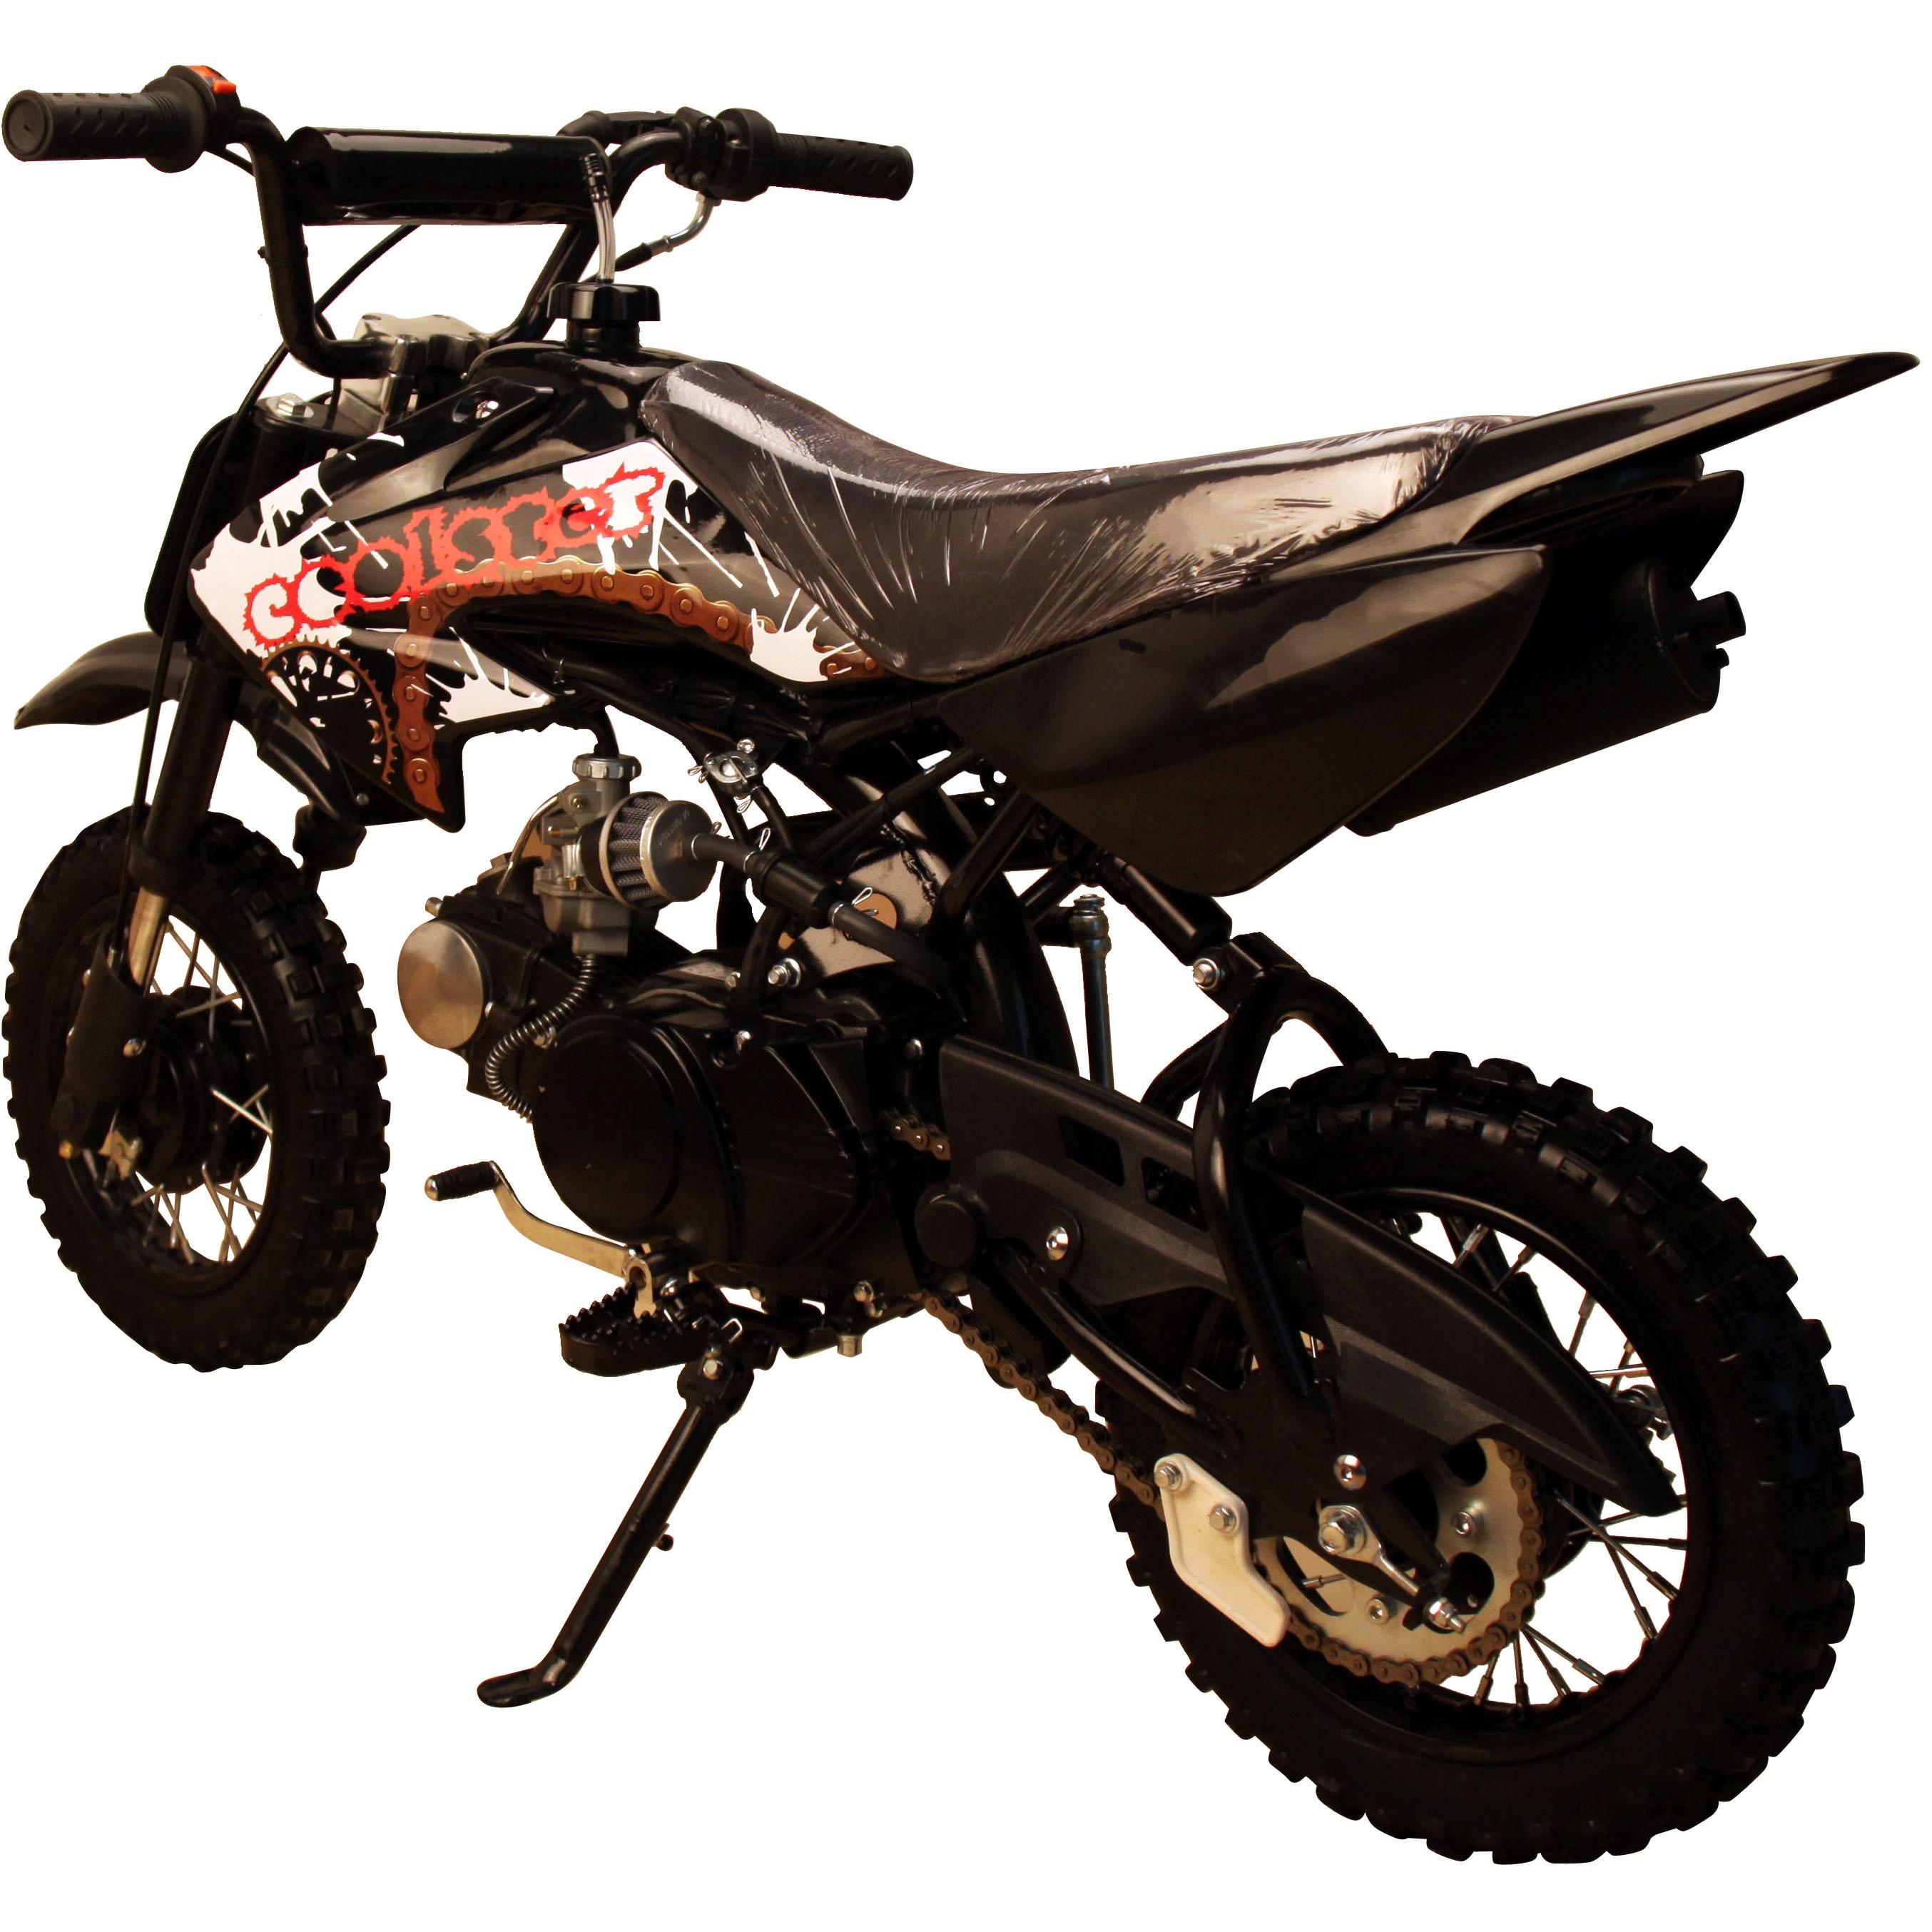 QG210 70cc Black